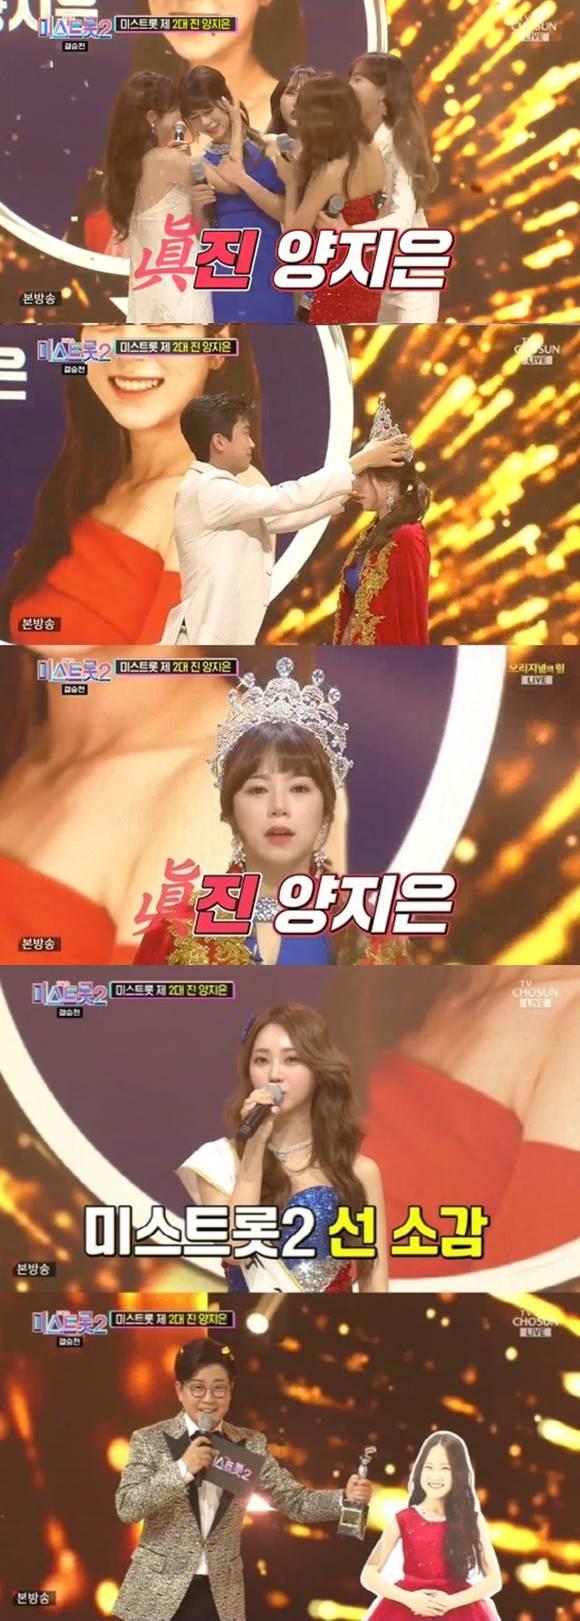 미스트롯2 진선미가 결정됐다. 양지은이 최종 우승을 차지했으며, 홍지윤 김다현이 각각 2위 3위에 올랐다. /TV조선 방송 화면 캡처